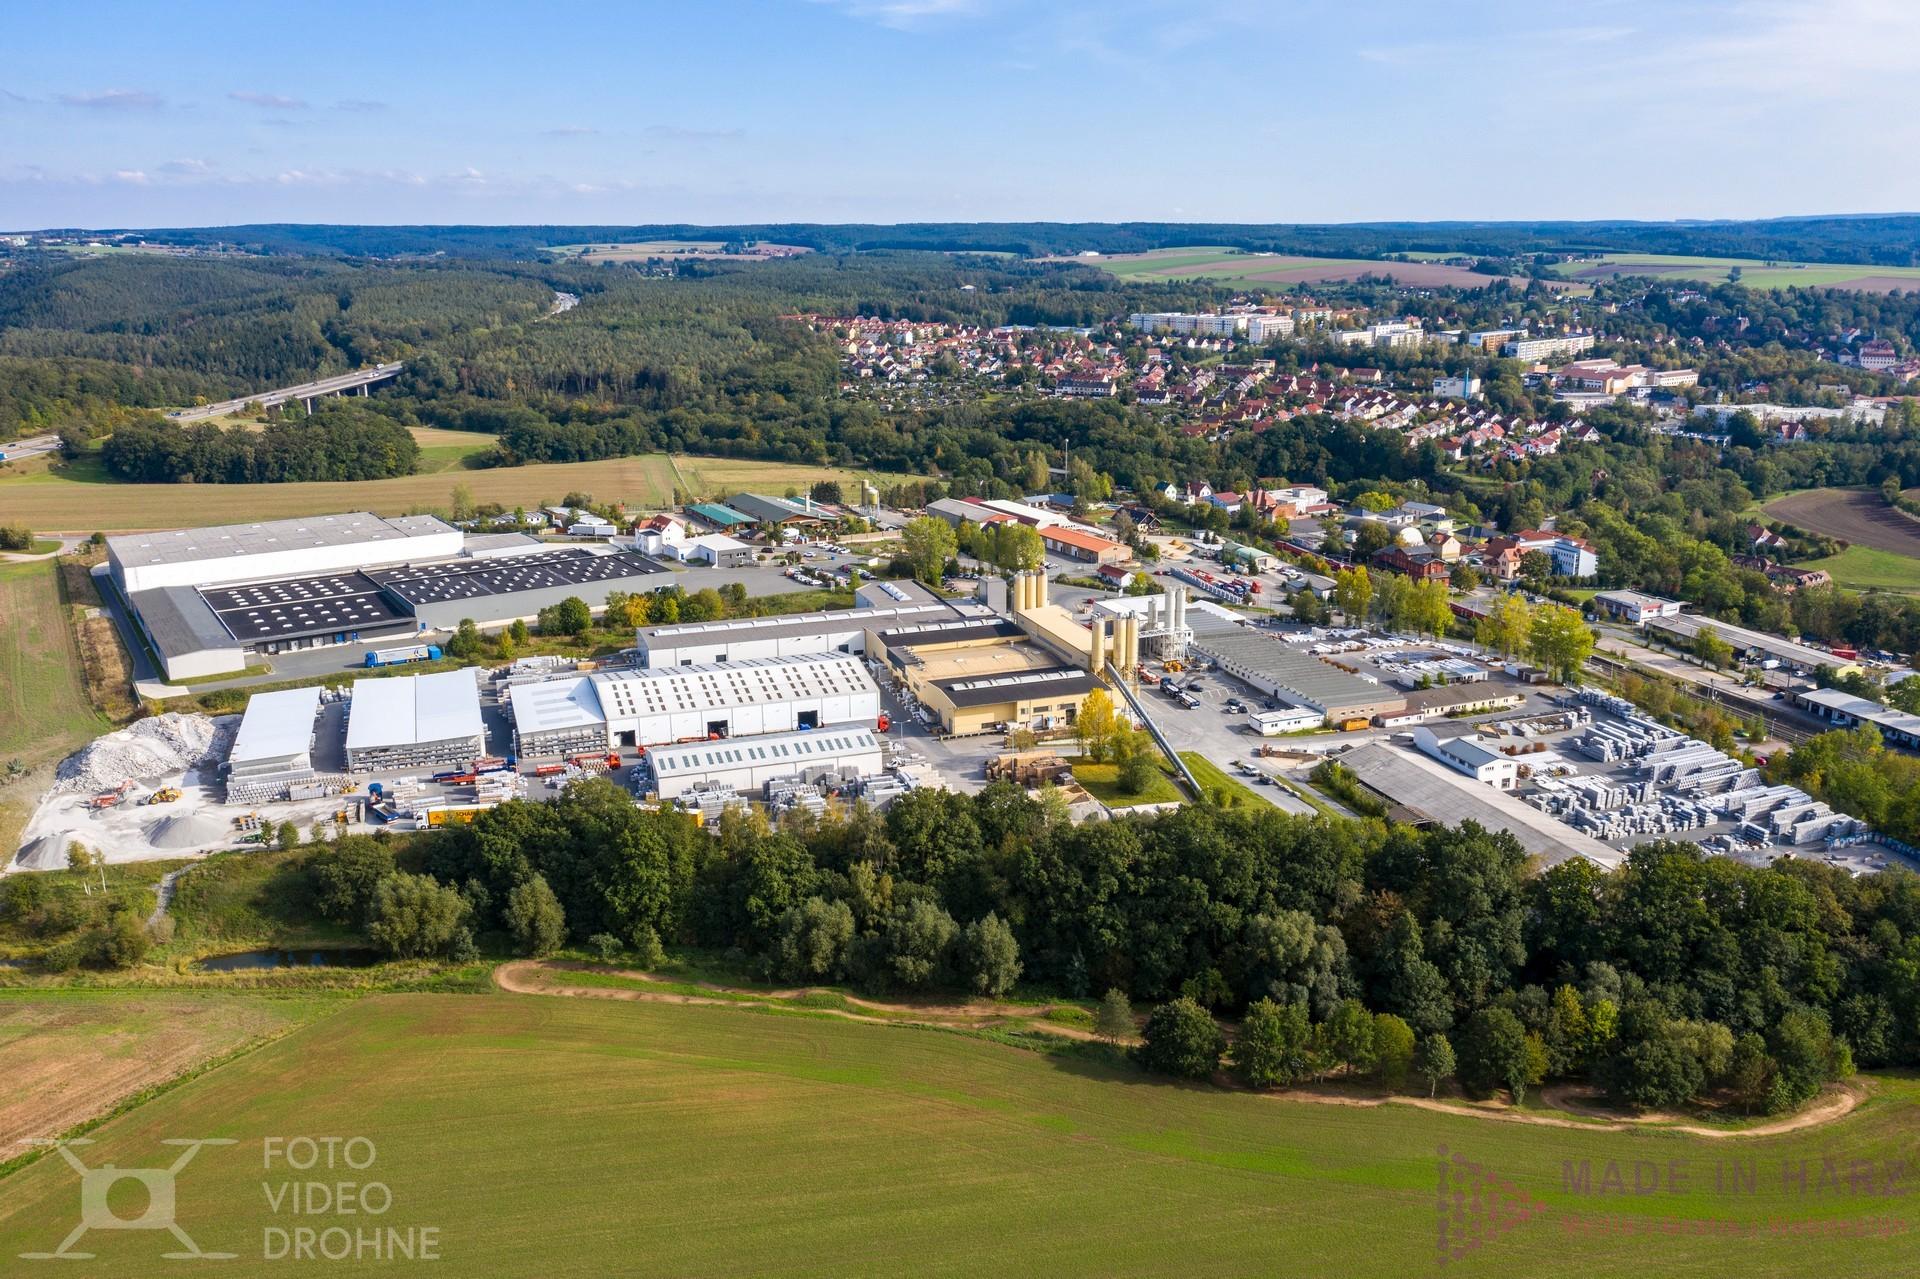 Luftaufnahmen Drohne Thüringen